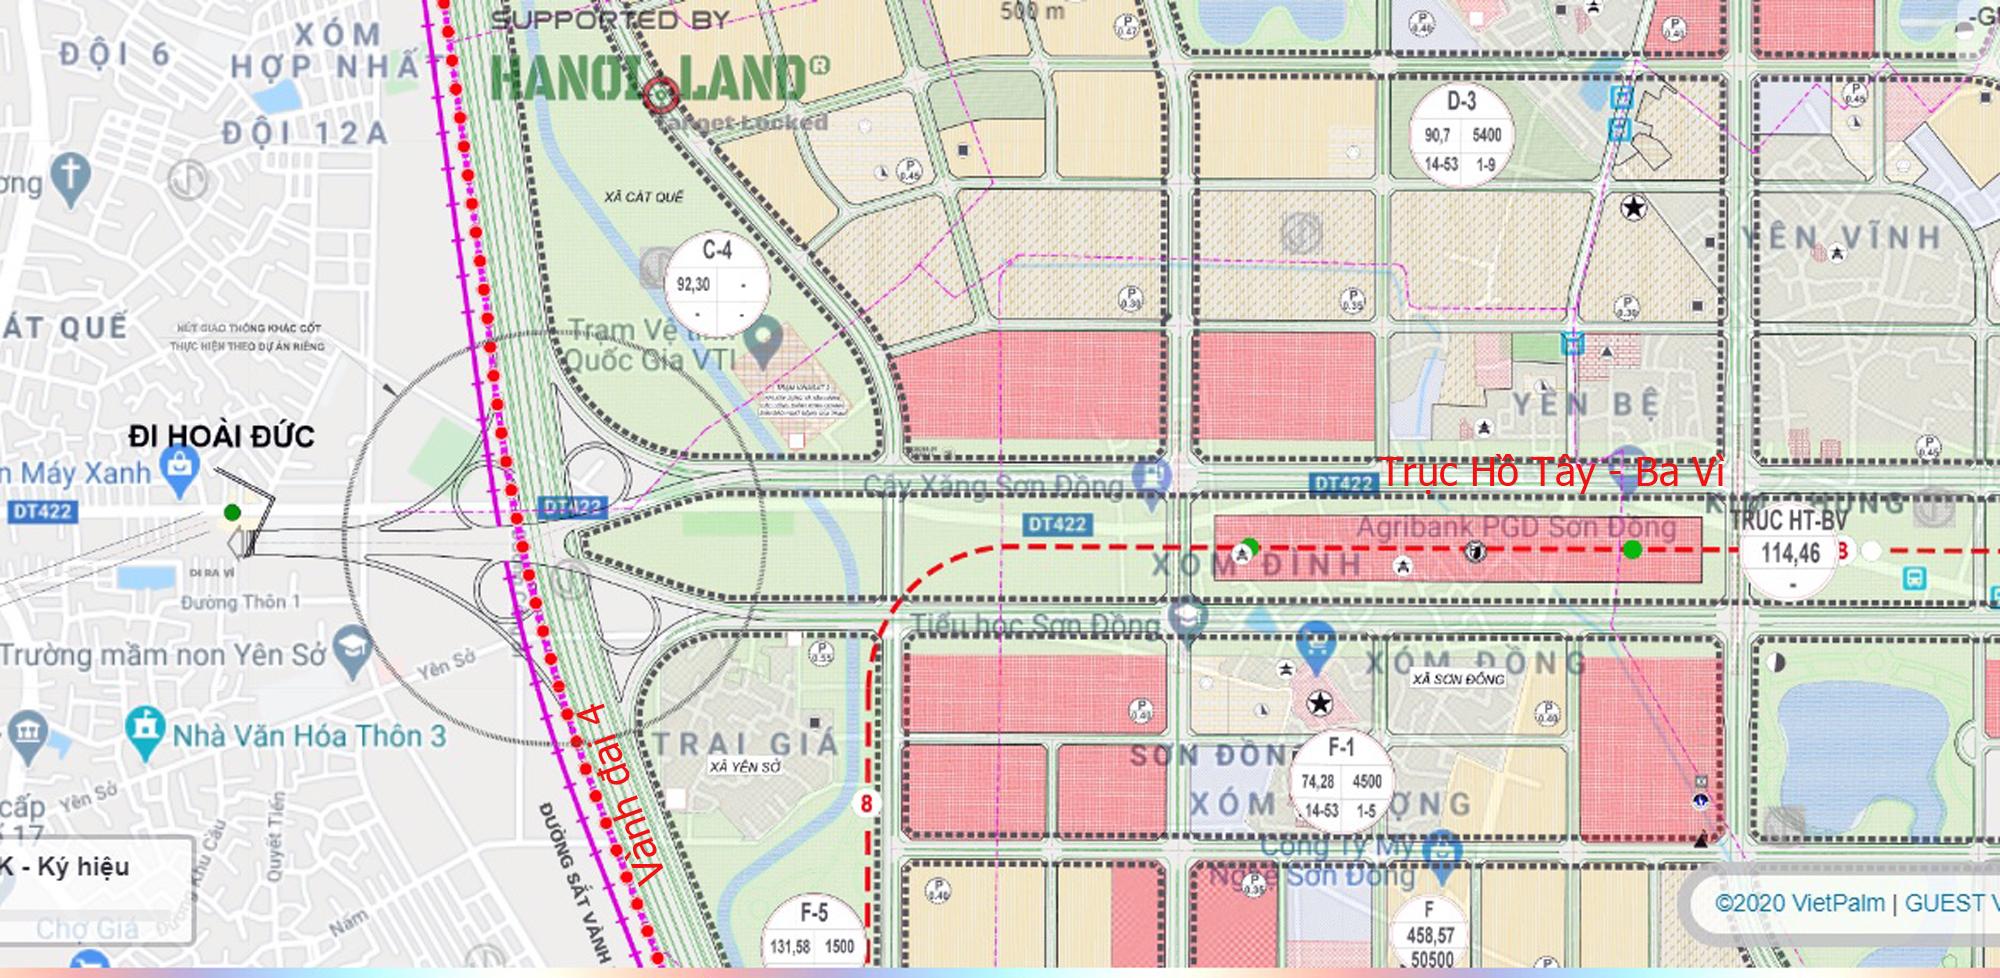 Đường sẽ mở theo qui hoạch ở Hà Nội: Toàn cảnh trục Hồ Tây - Ba Vì đến Vành đai 4 - Ảnh 23.